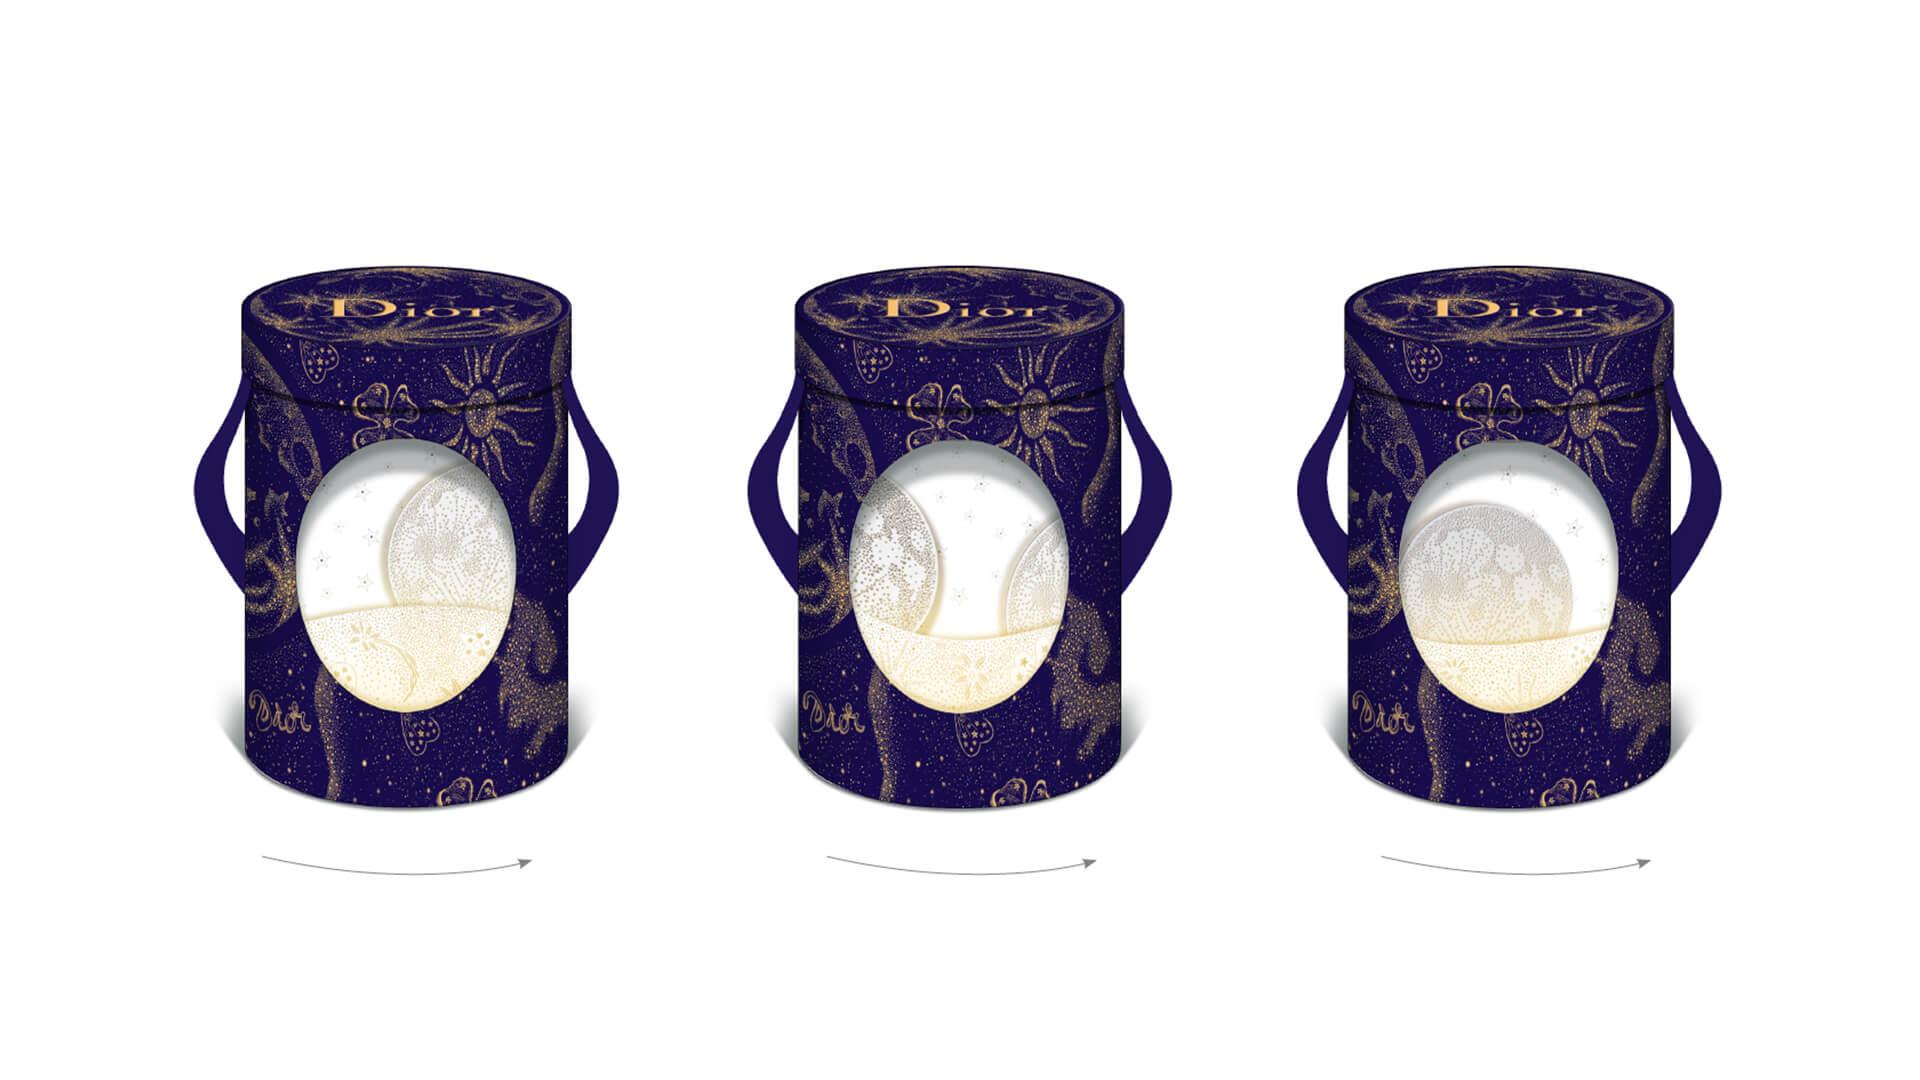 Lanterne Full Moon Festival Dior 4 Illustration Et Design Objet